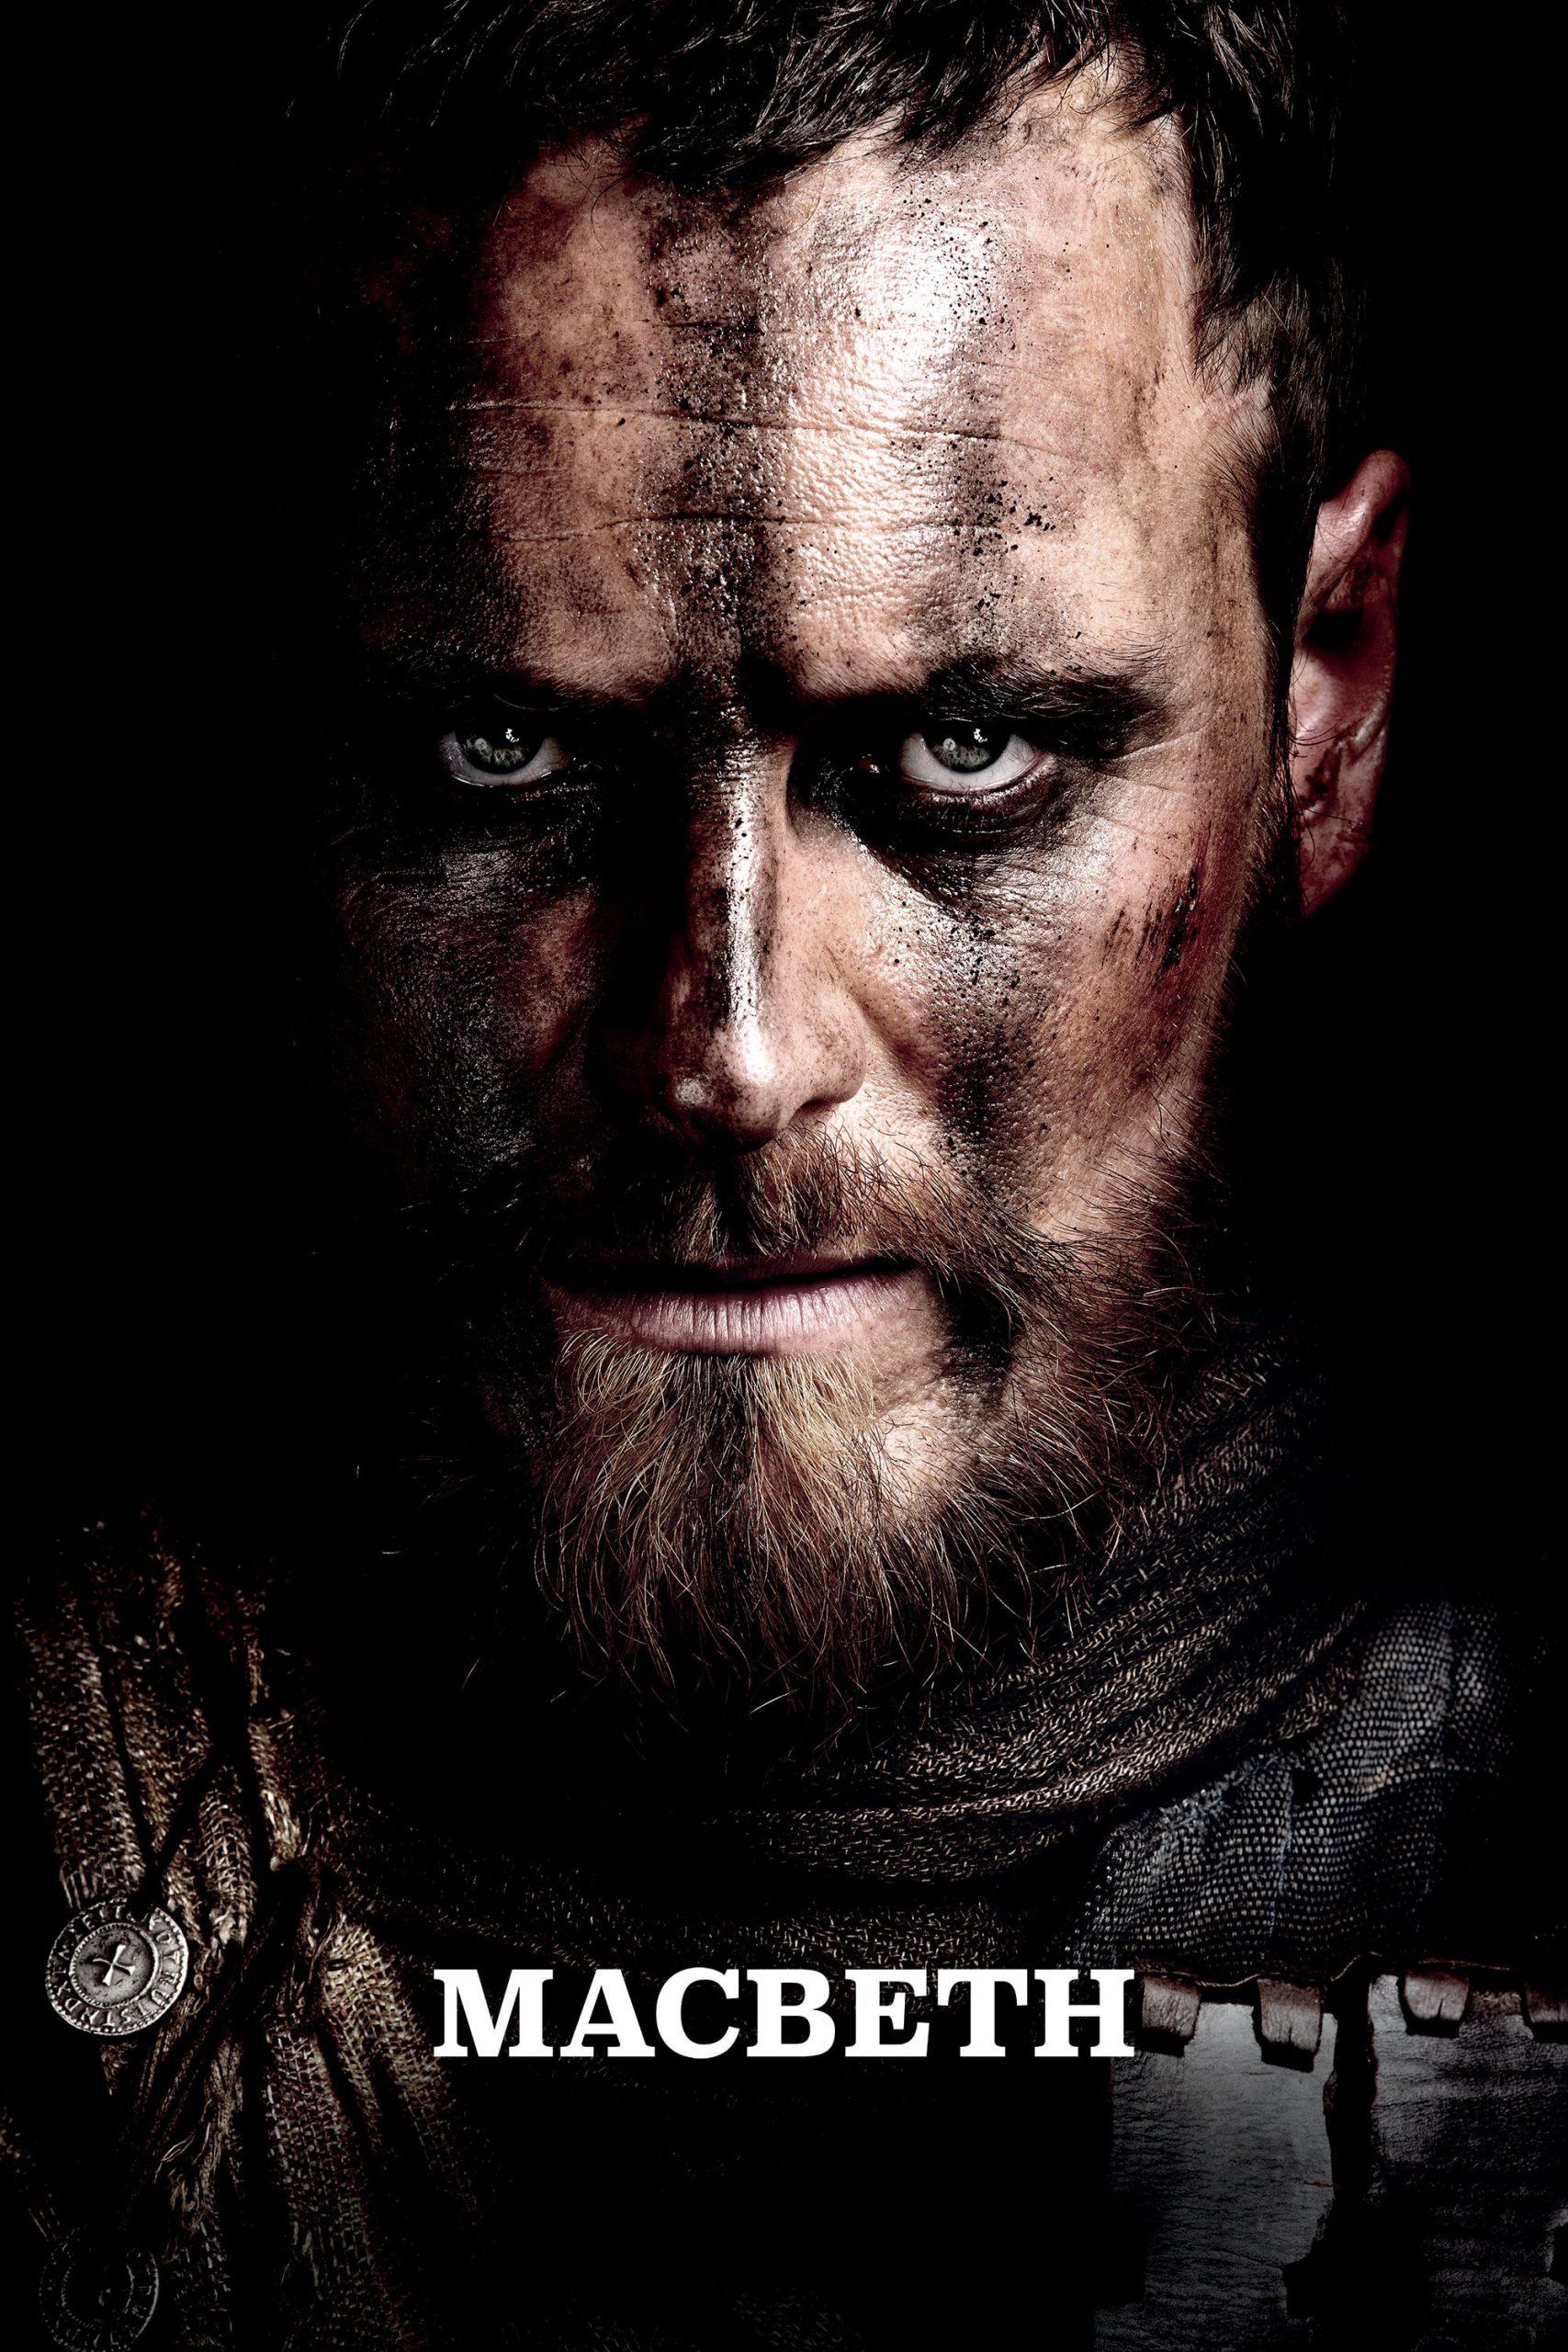 دانلود فیلم Macbeth 2015 با دوبله فارسی